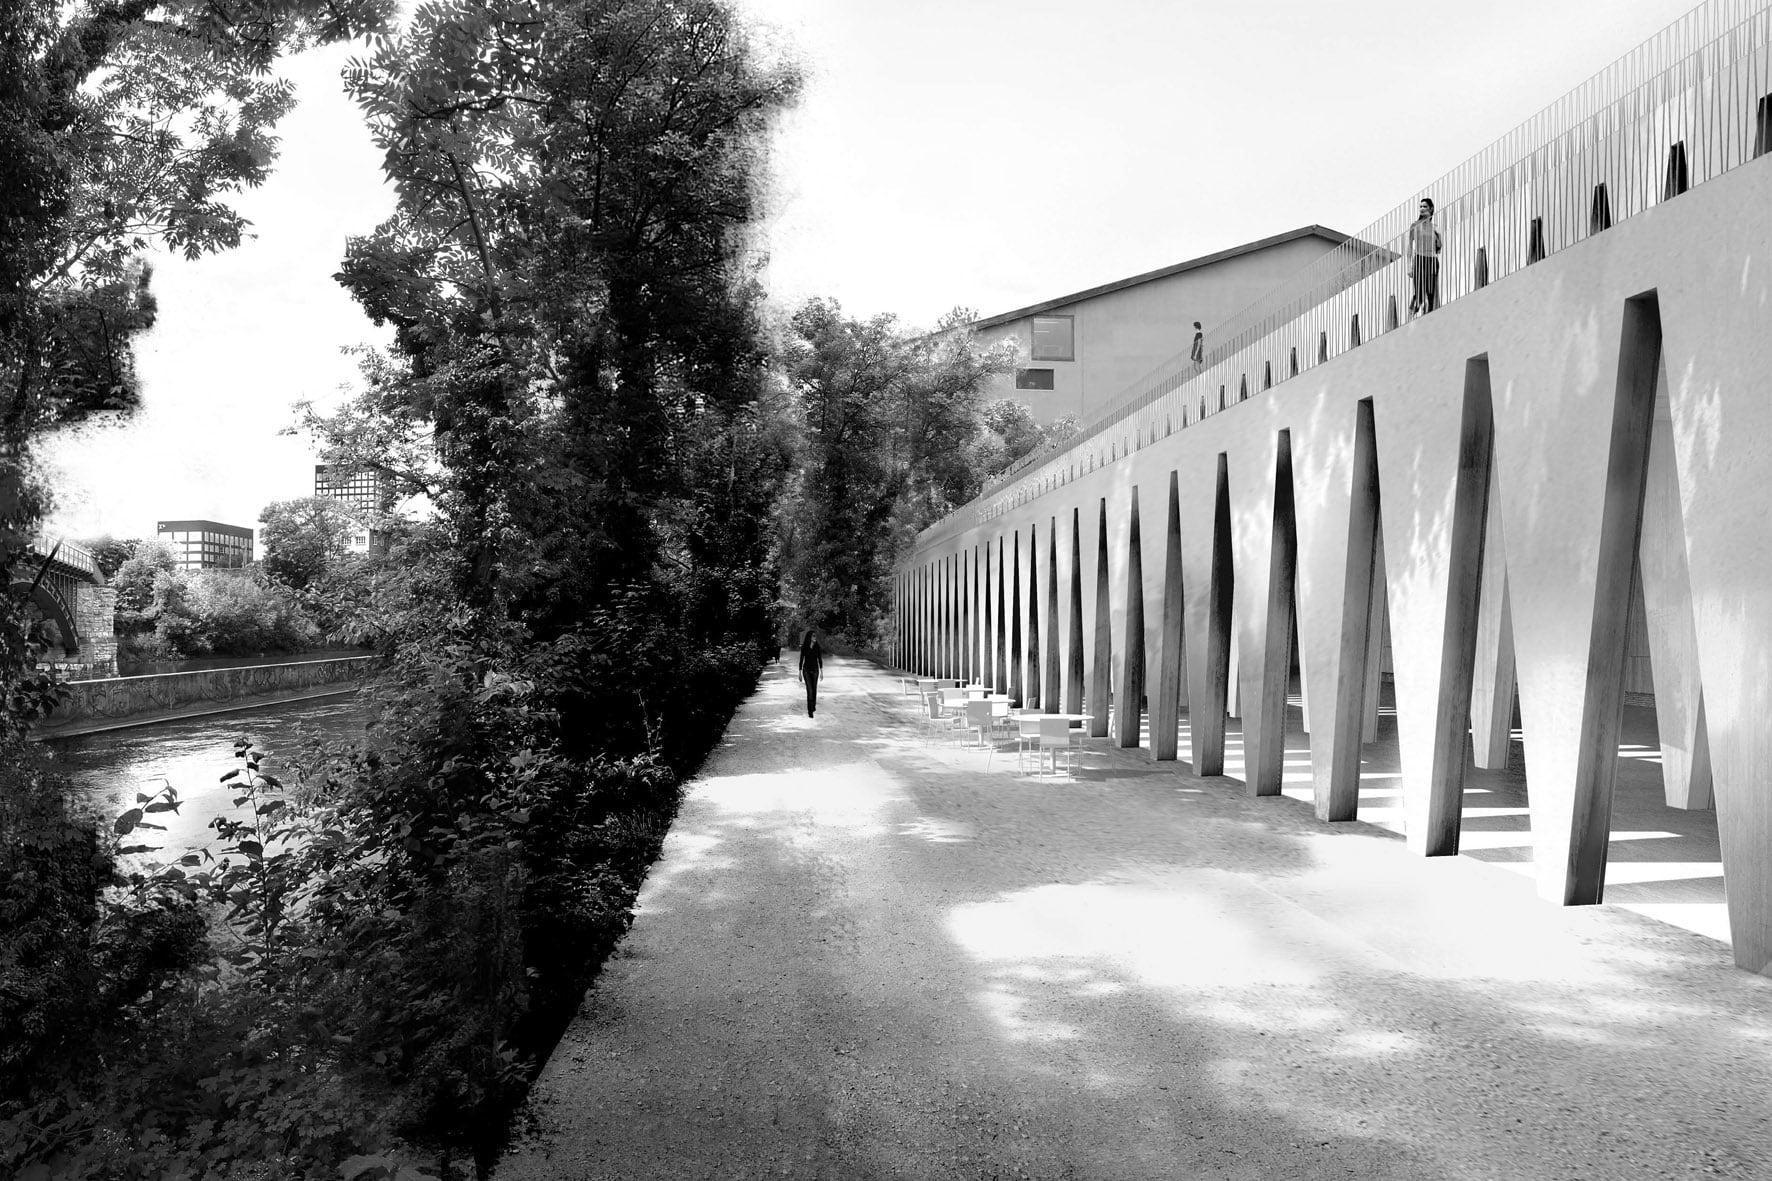 Ersatzneubau Wasserwerkstrasse 127 A Zürich-Wipkingen Barozzi Veiga ARIADNE